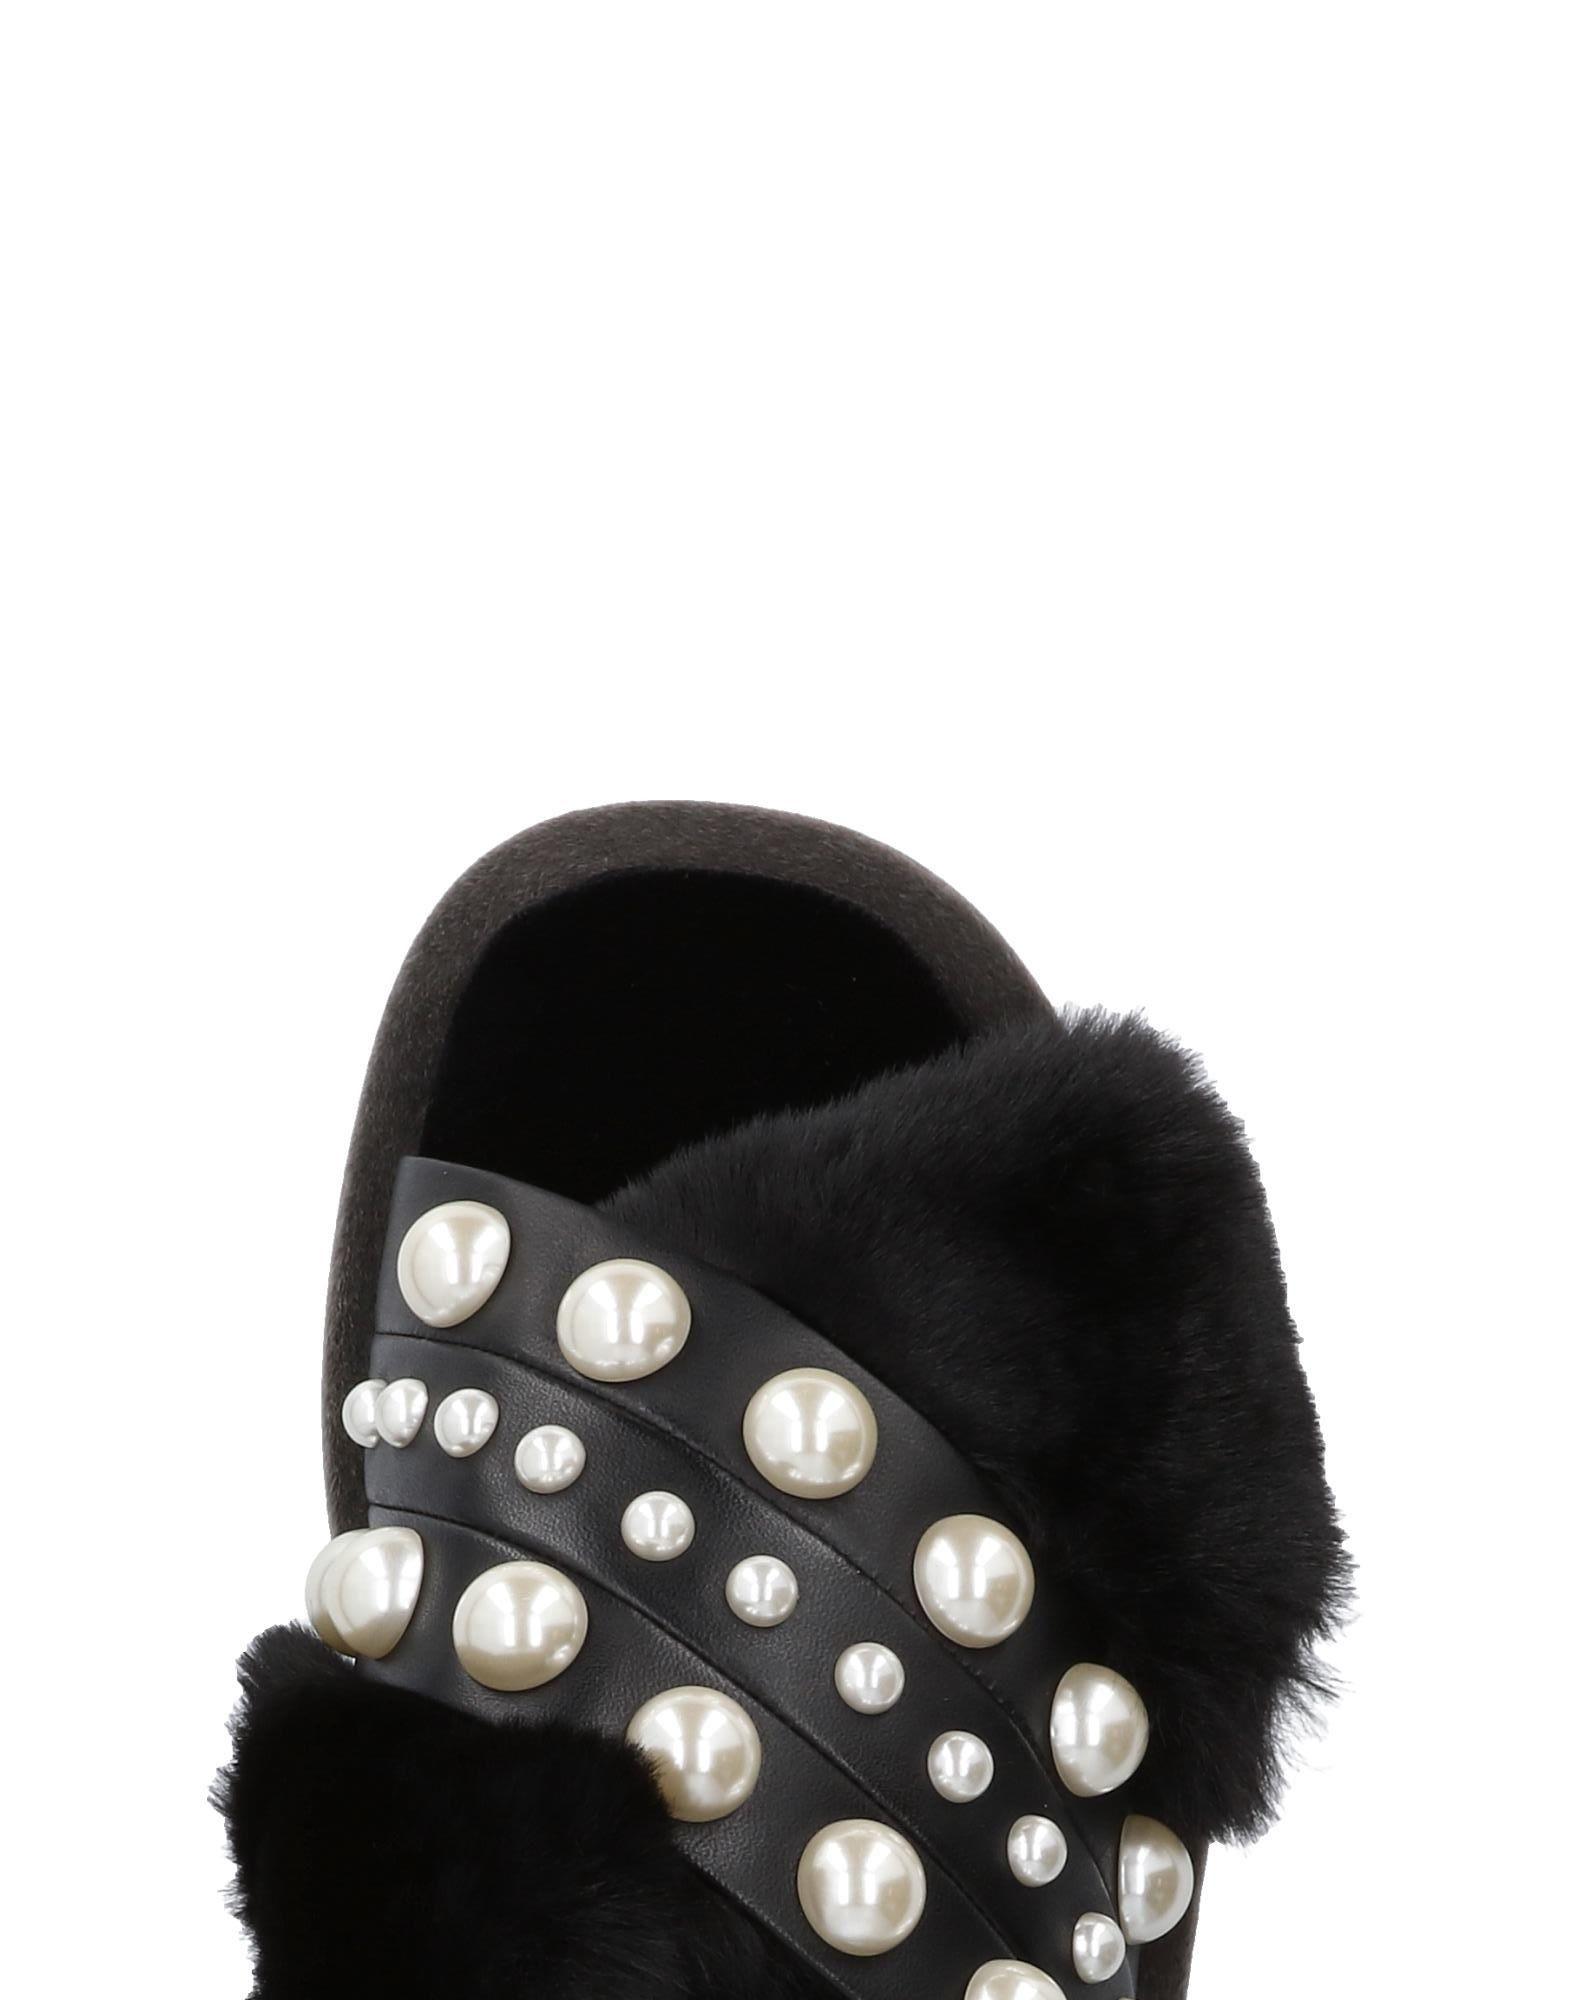 Clone Sandalen Damen  Schuhe 11458458LX Gute Qualität beliebte Schuhe  1b059b